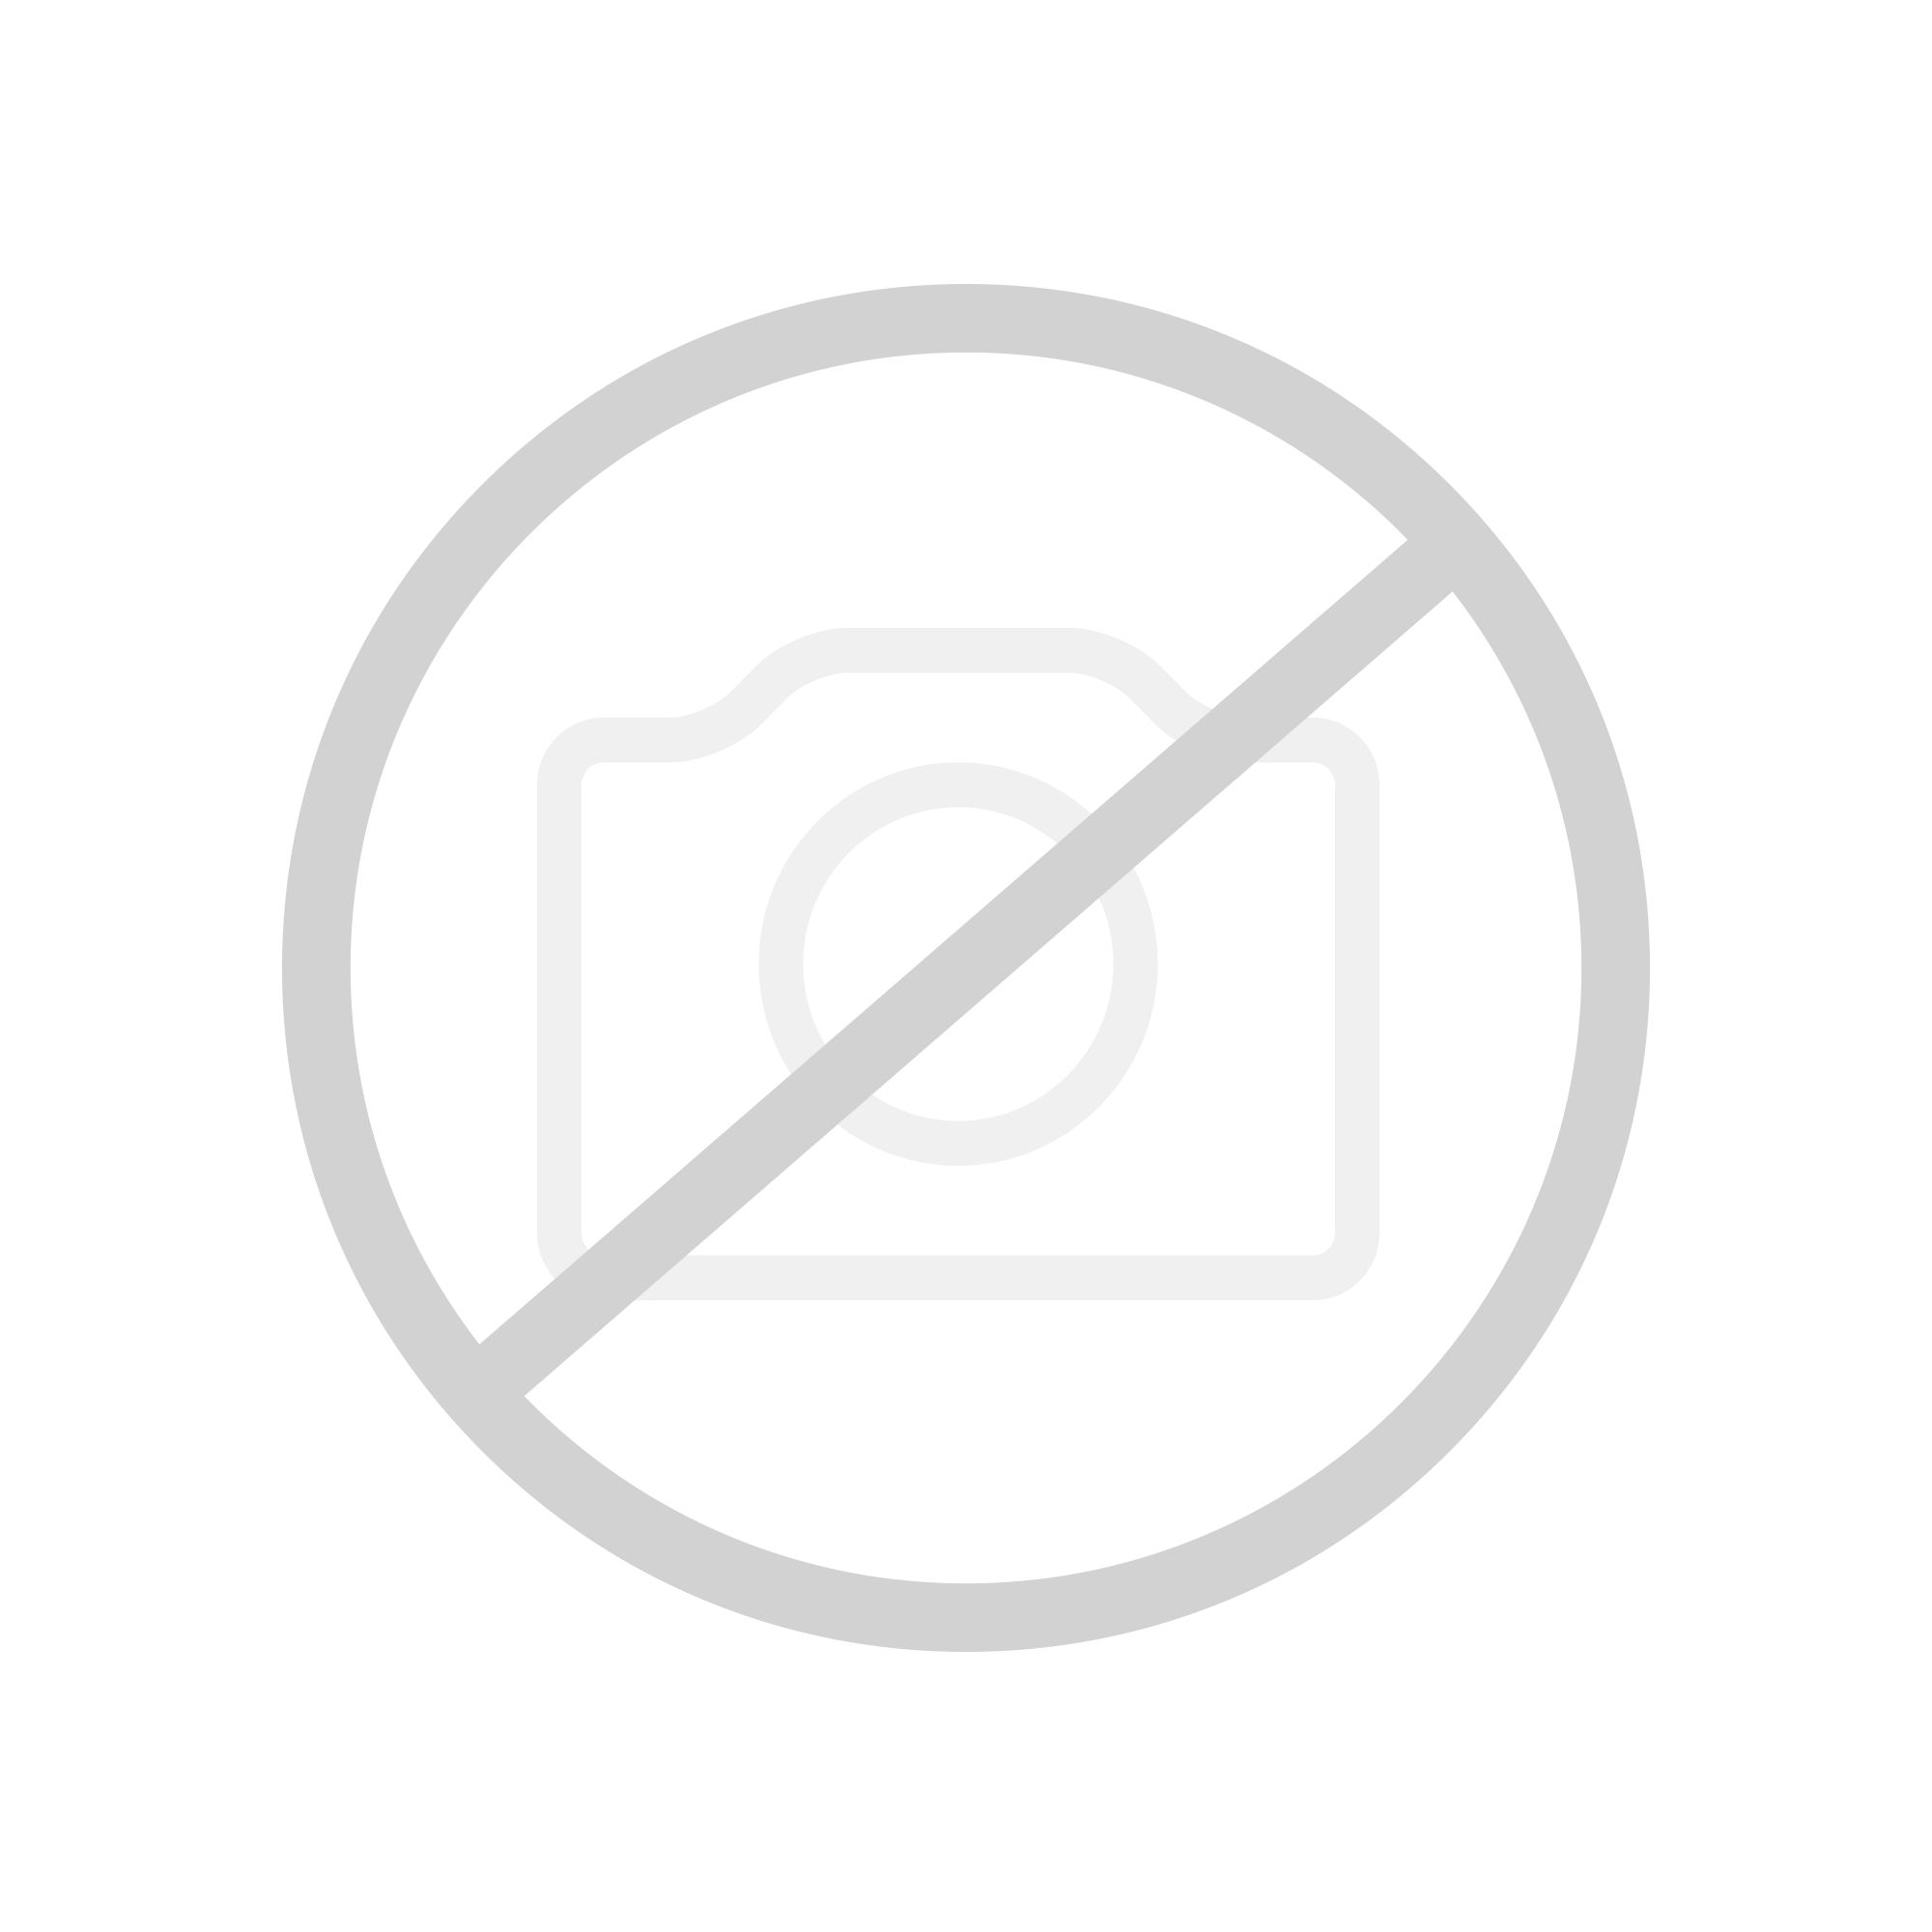 antoniolupi GESTO Aufsatzwaschtisch B: 90 H: 13 T: 50 cm weiß matt, ohne Hahnloch